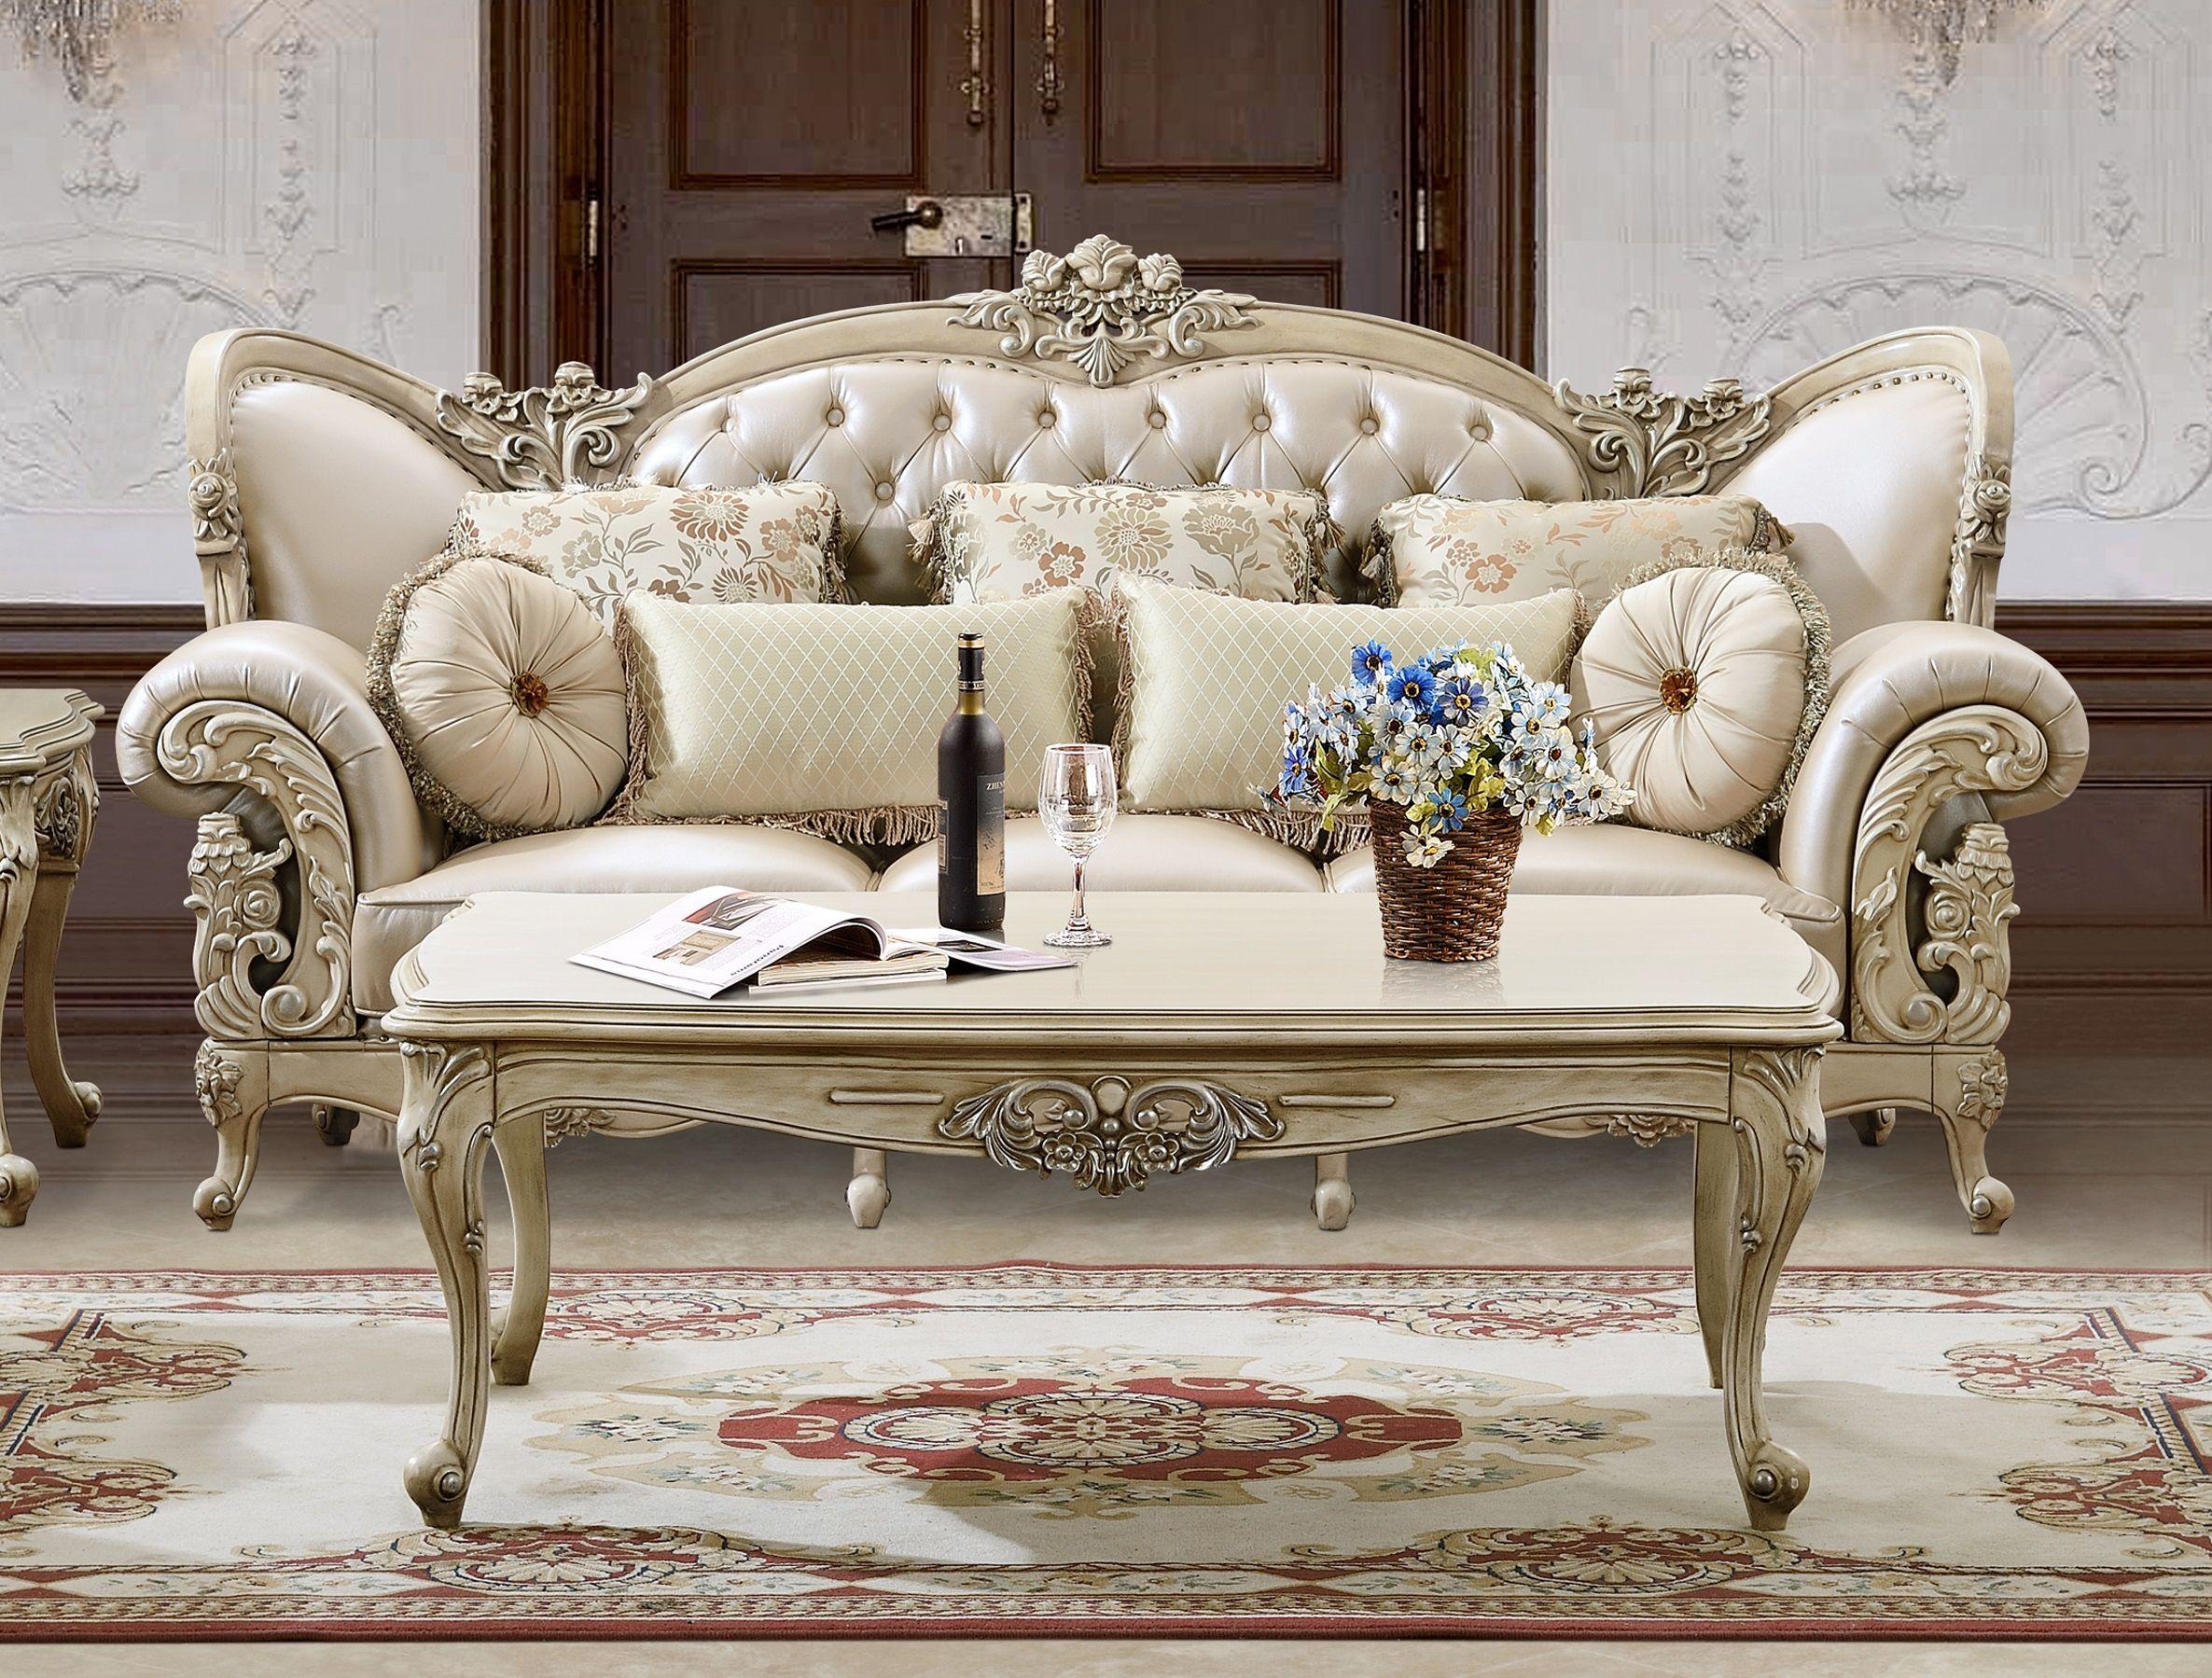 Homey Design Hd 32 Luxury Sofa Interior Furniture Rumah